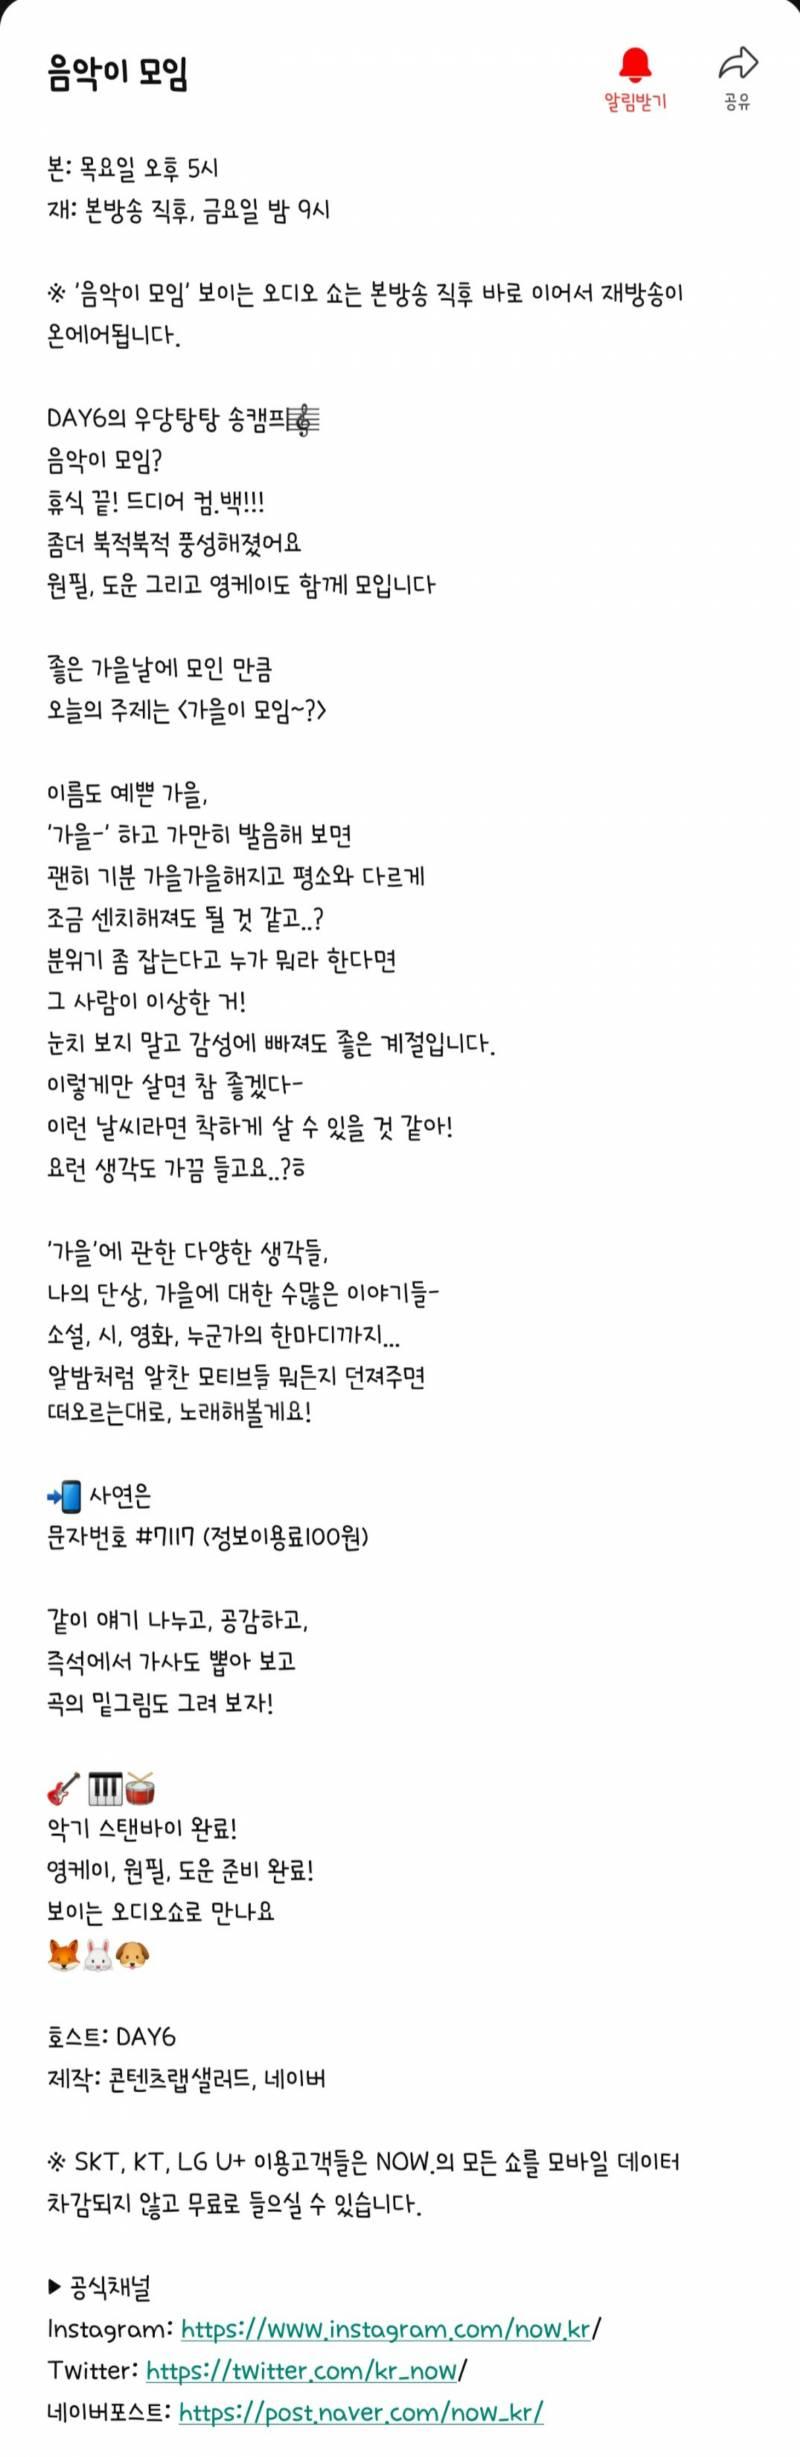 8일(목), 데이식스 NAVER NOW DAY6 음악이 모임 | 인스티즈